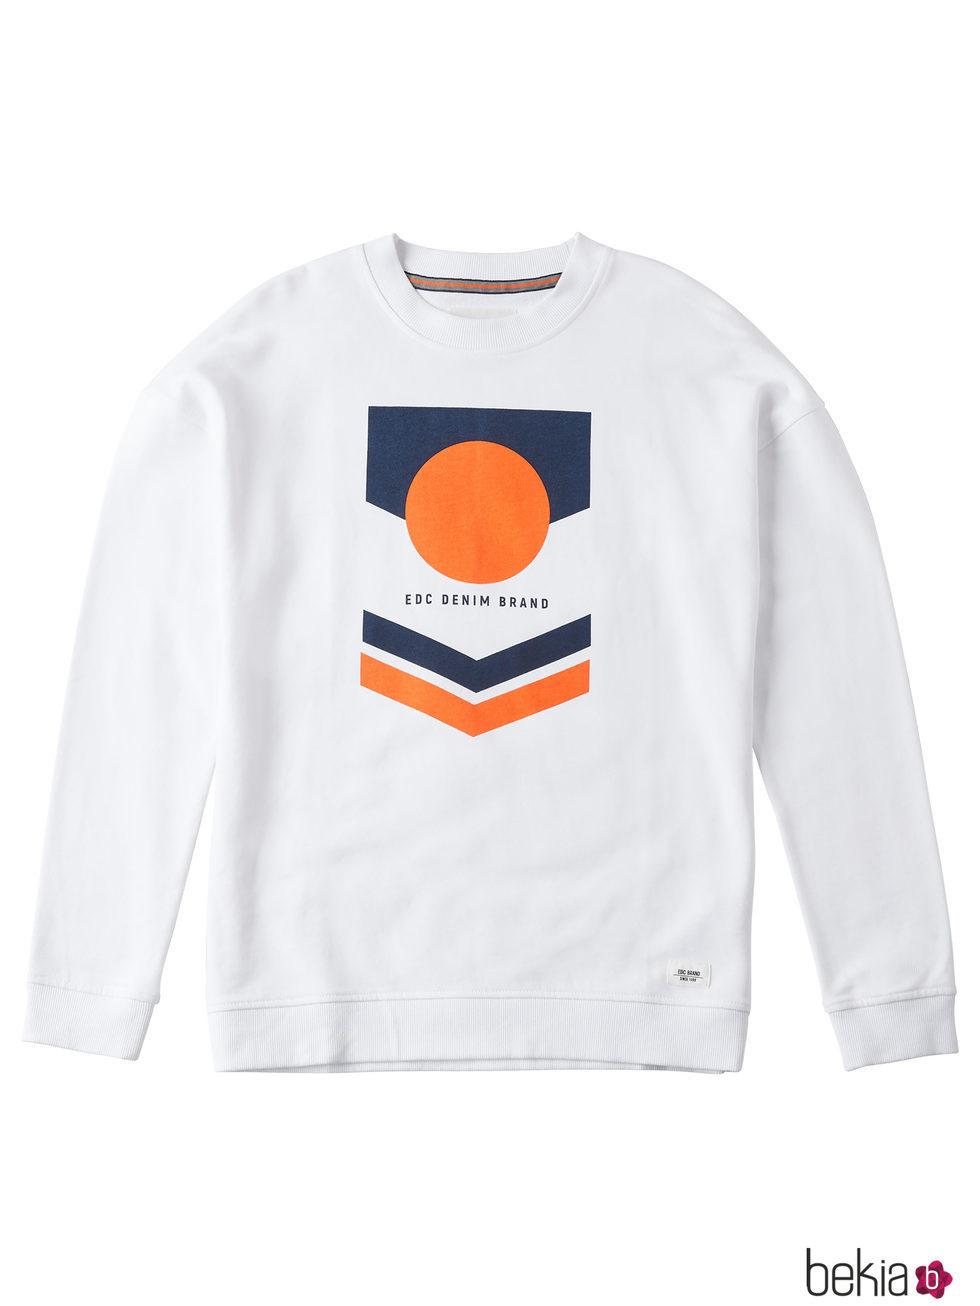 Sudadera blanca con dibujo para hombre de la colección de Primavera-Verano 2018 de Esprit